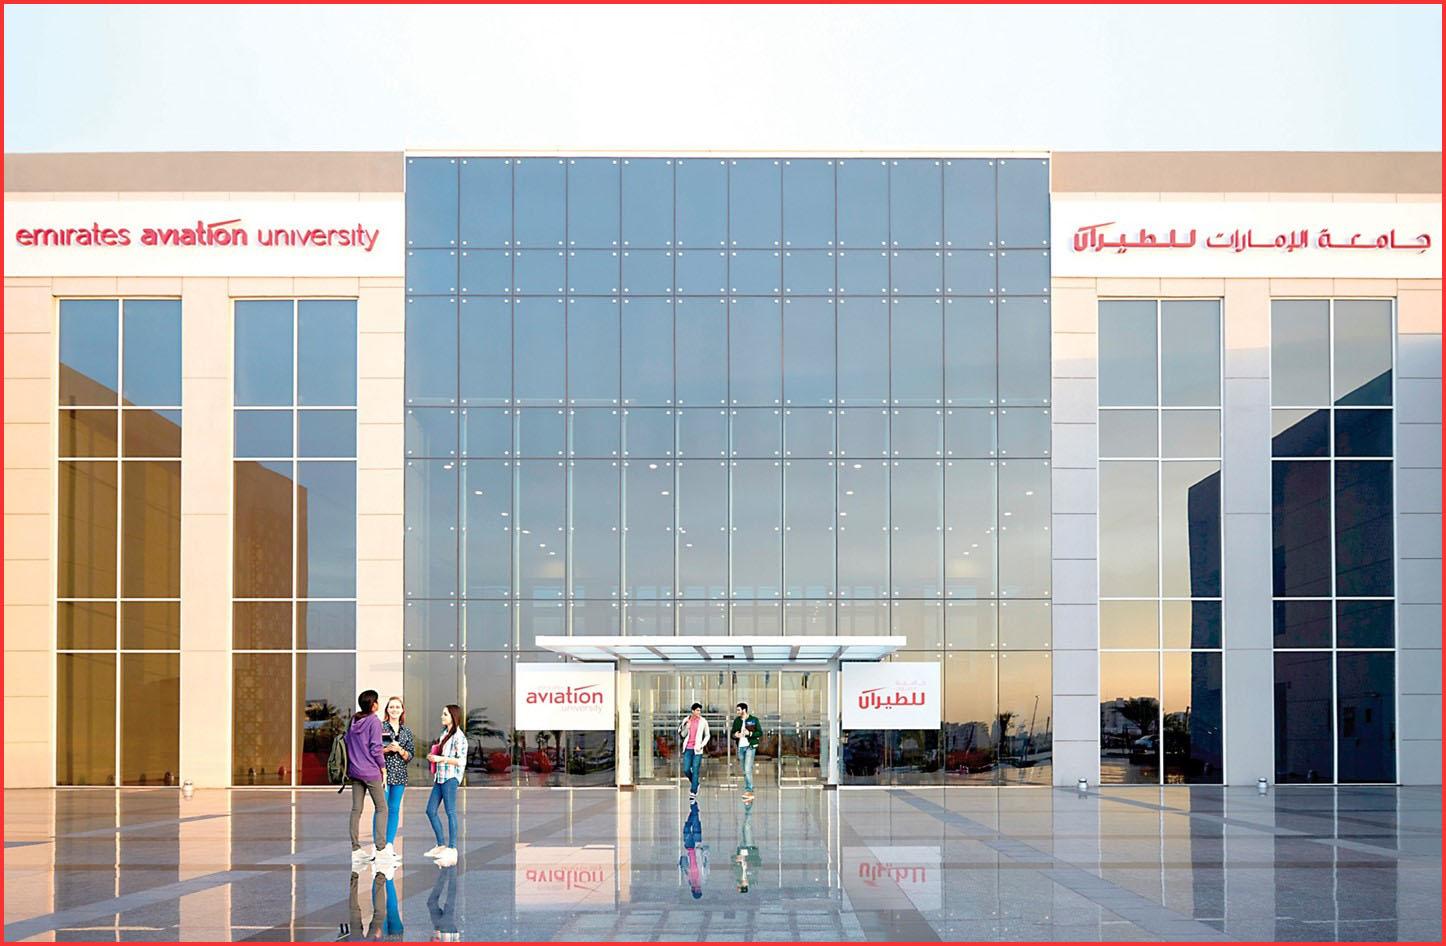 جامعة الامارات للطيران .. كل ما تود معرفته عن شروط القبول بالجامعة